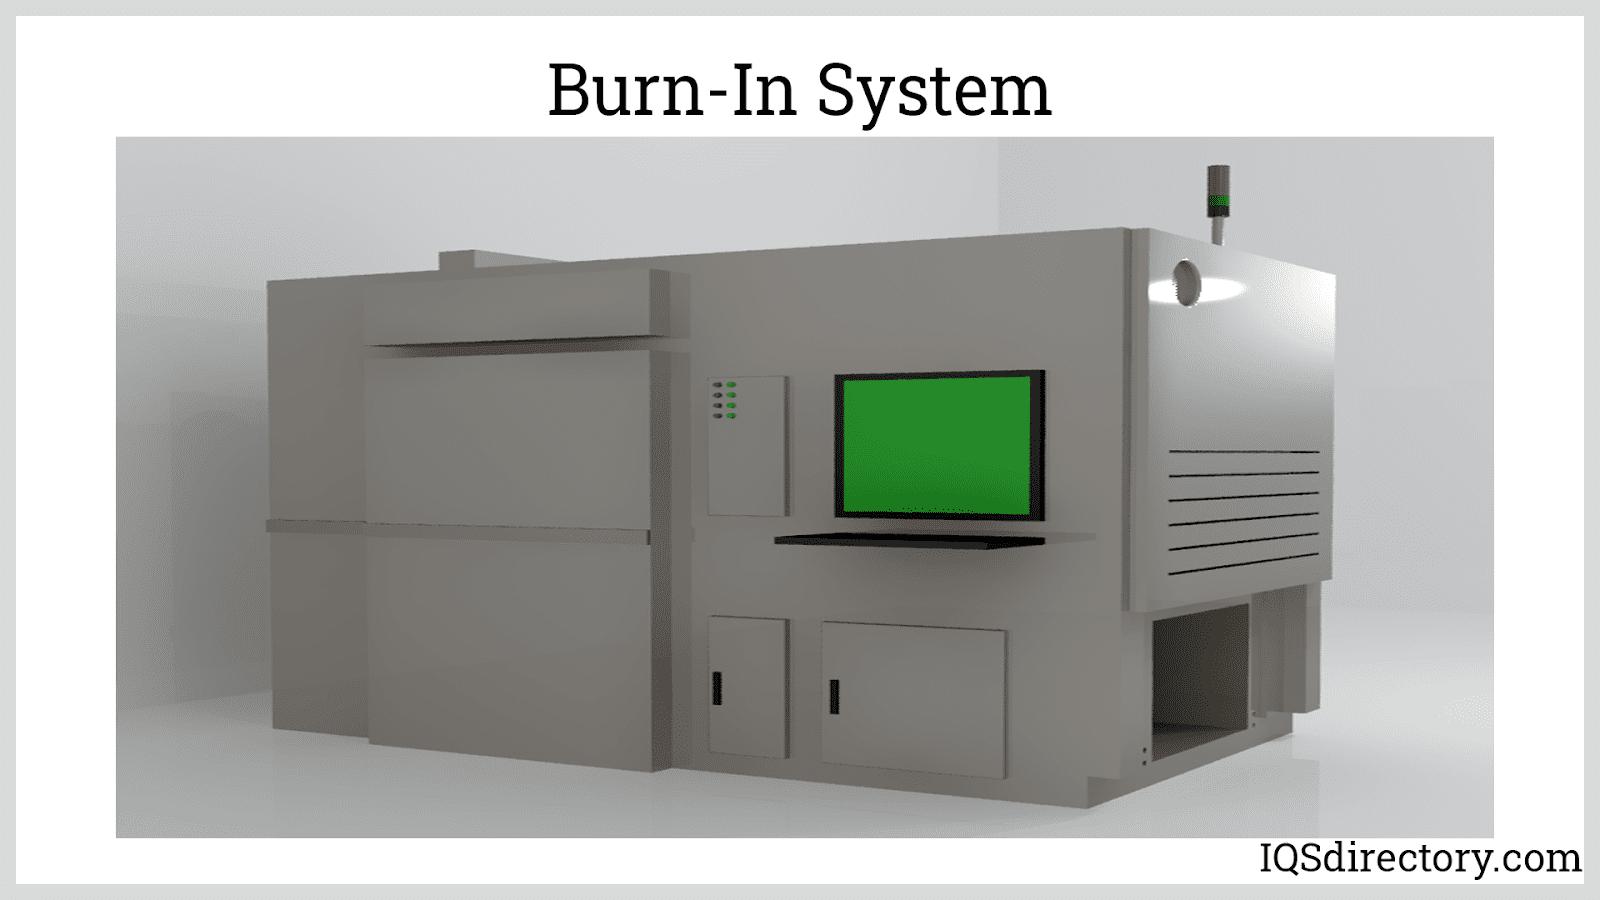 Burn-In System